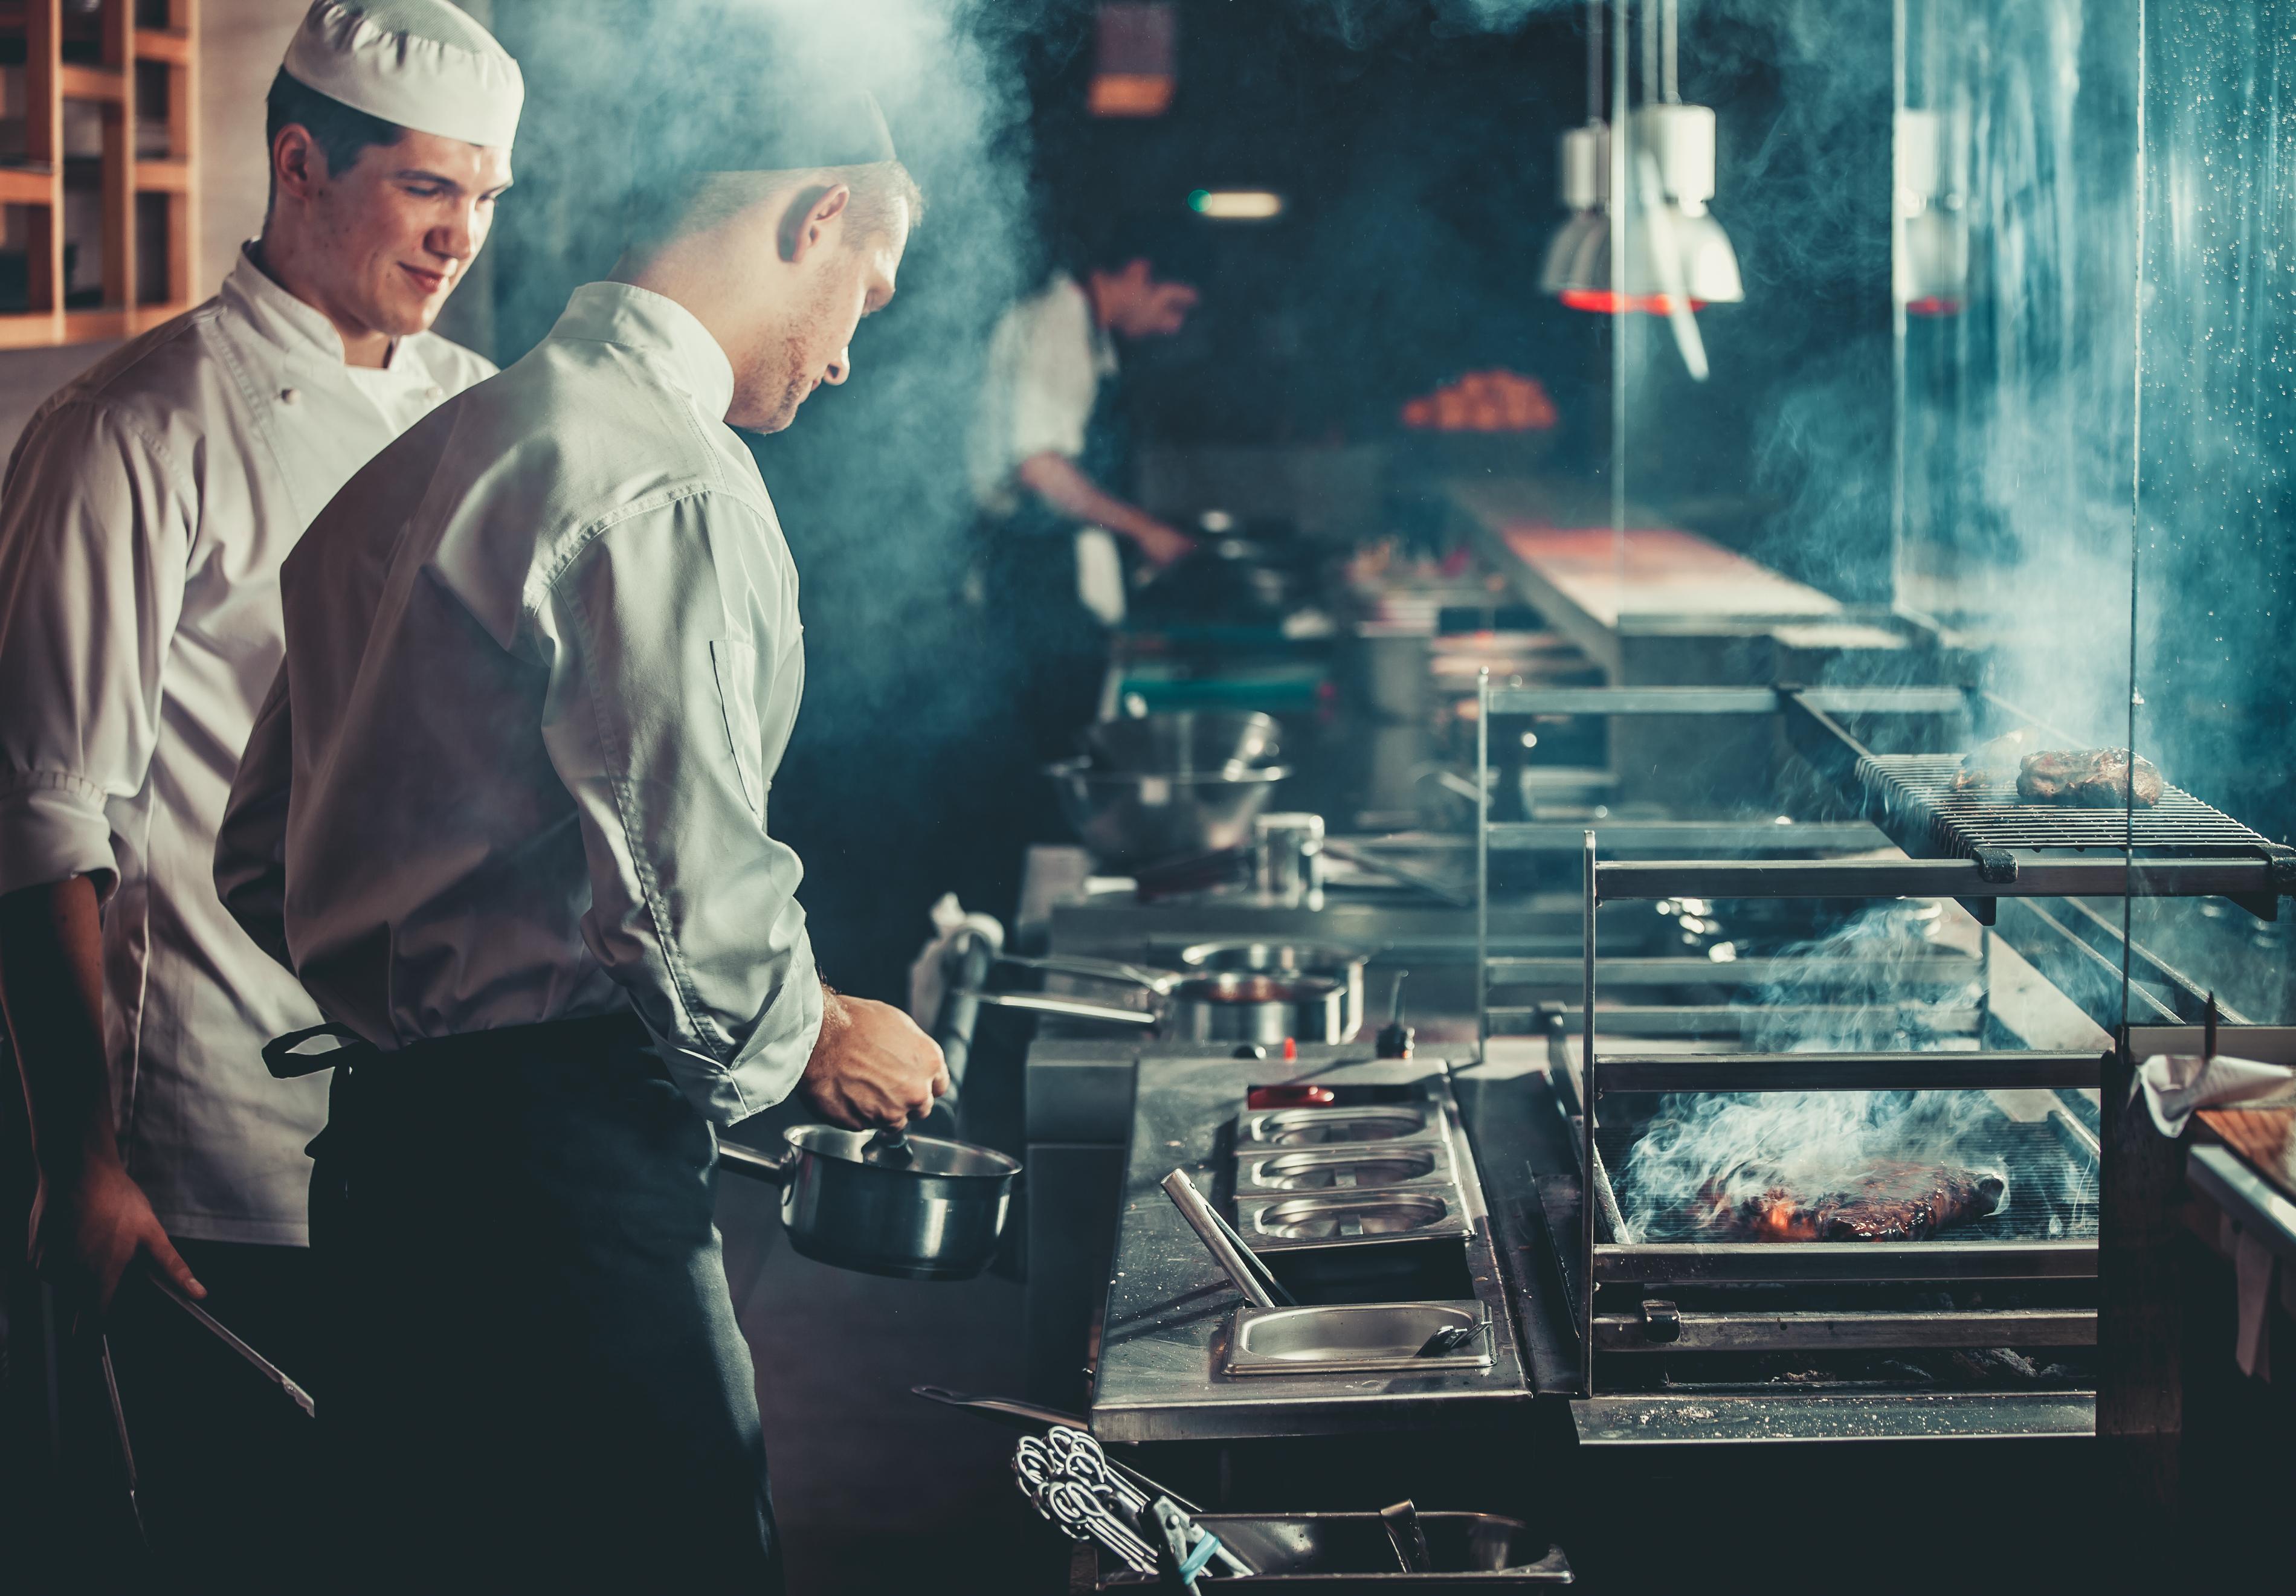 food service equipment repair